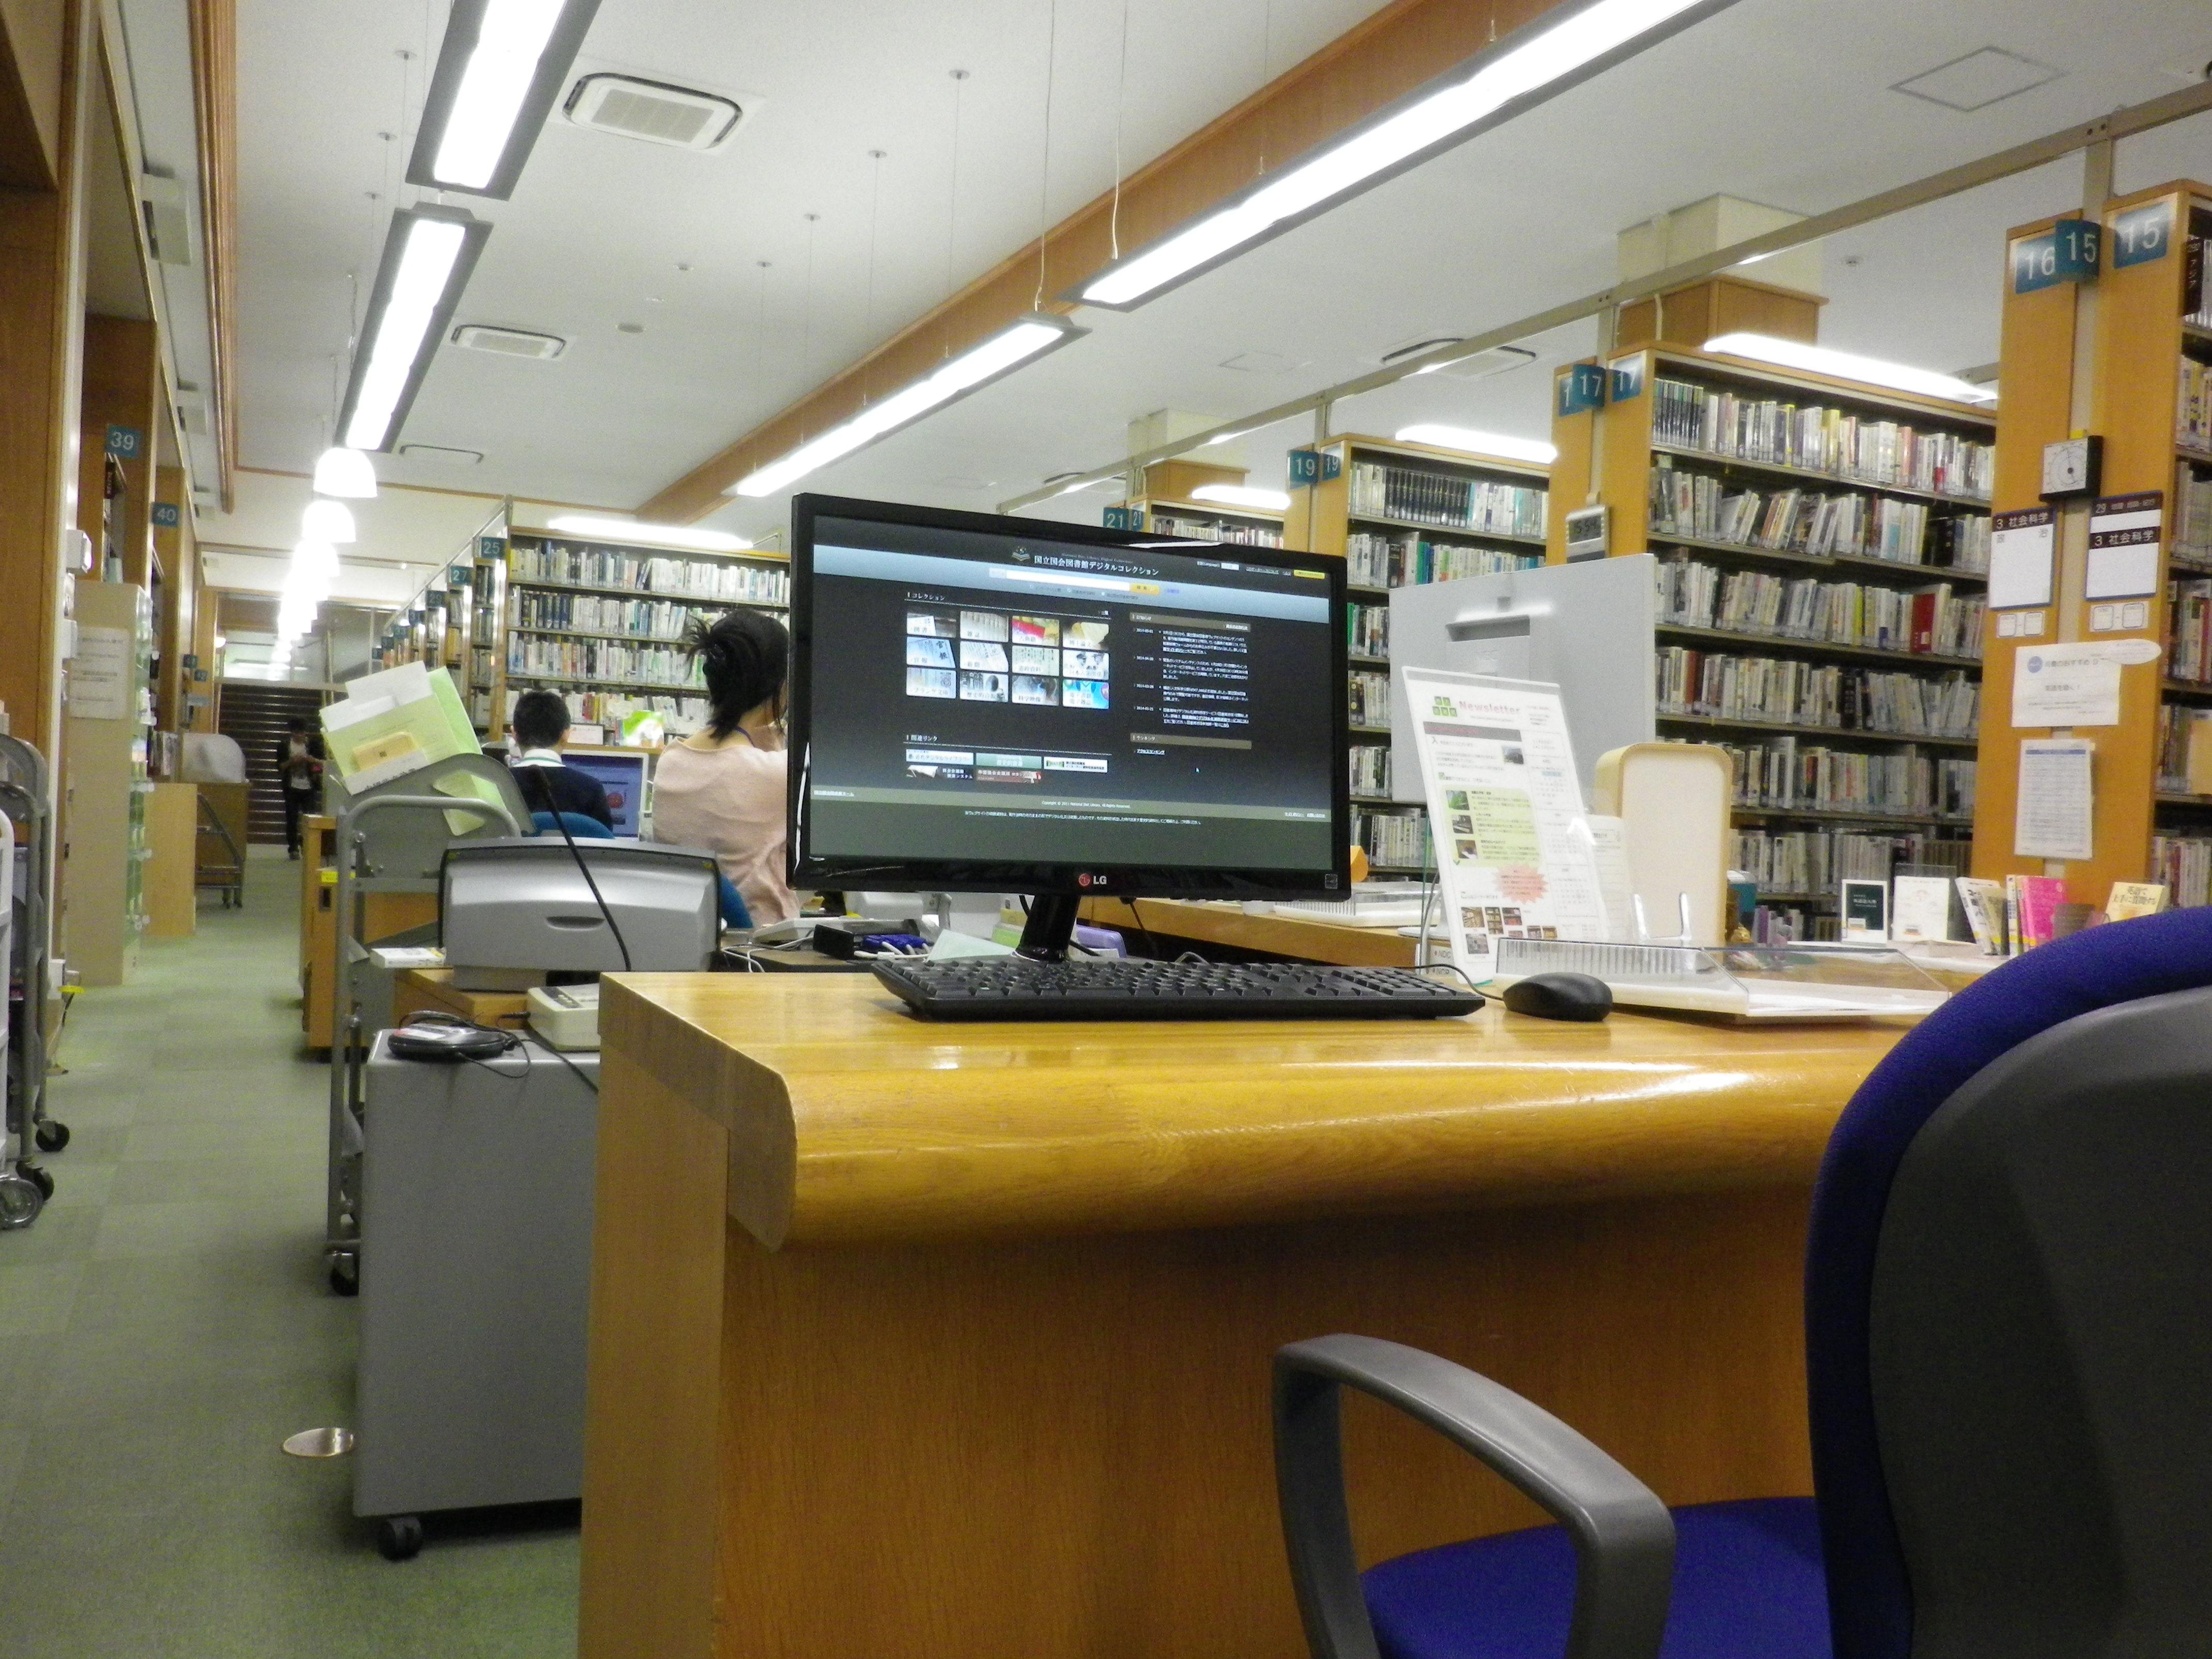 図書館 方法 国会 国立 利用